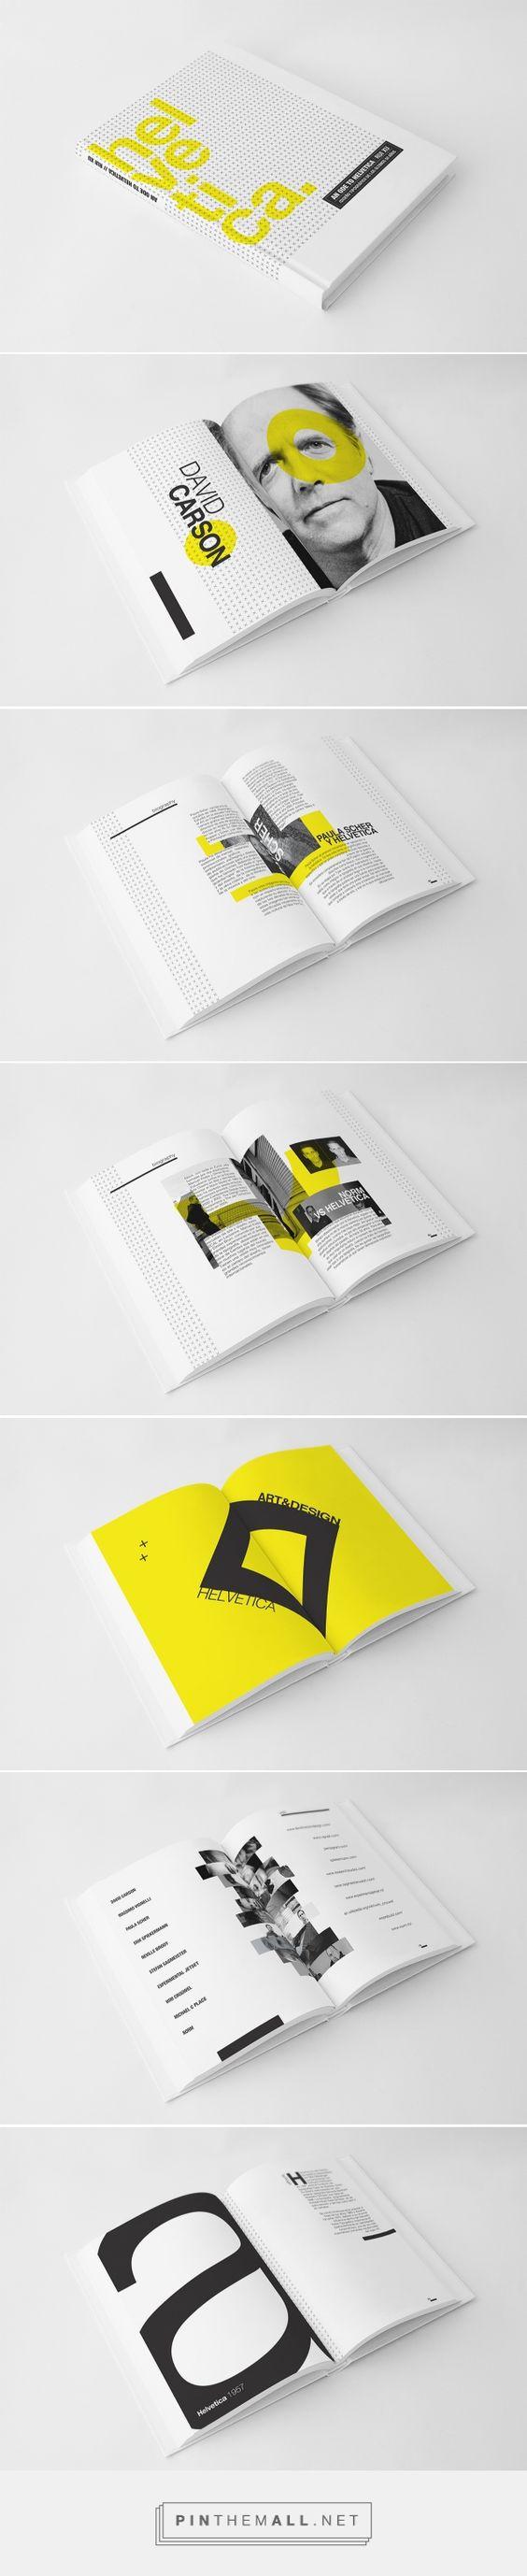 Inspiração Design Editorial - Boteco Design 20/09/2017